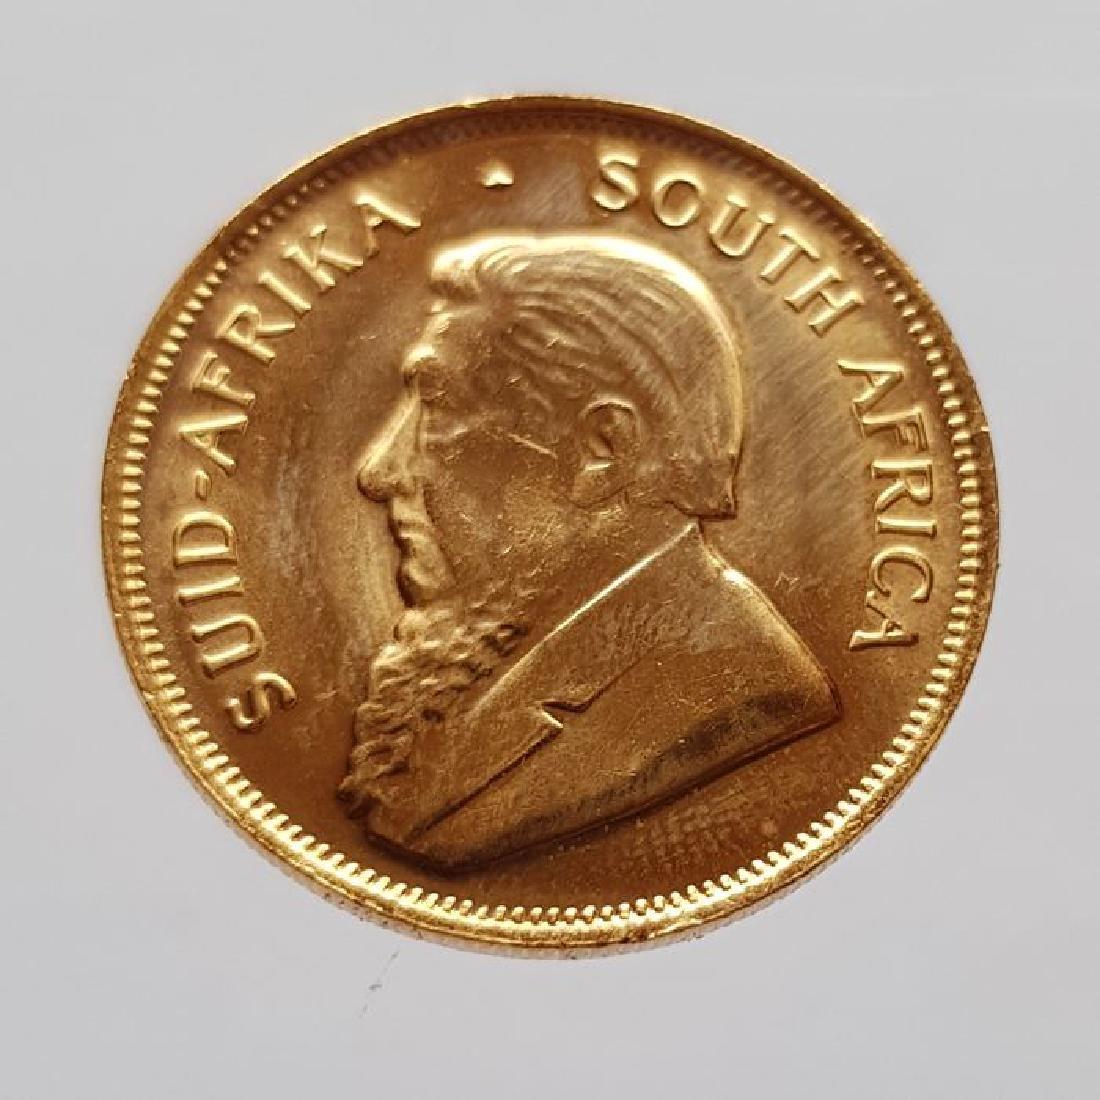 South Africa - 1/2 Krugerrand 1981 - 1/2 oz of gold